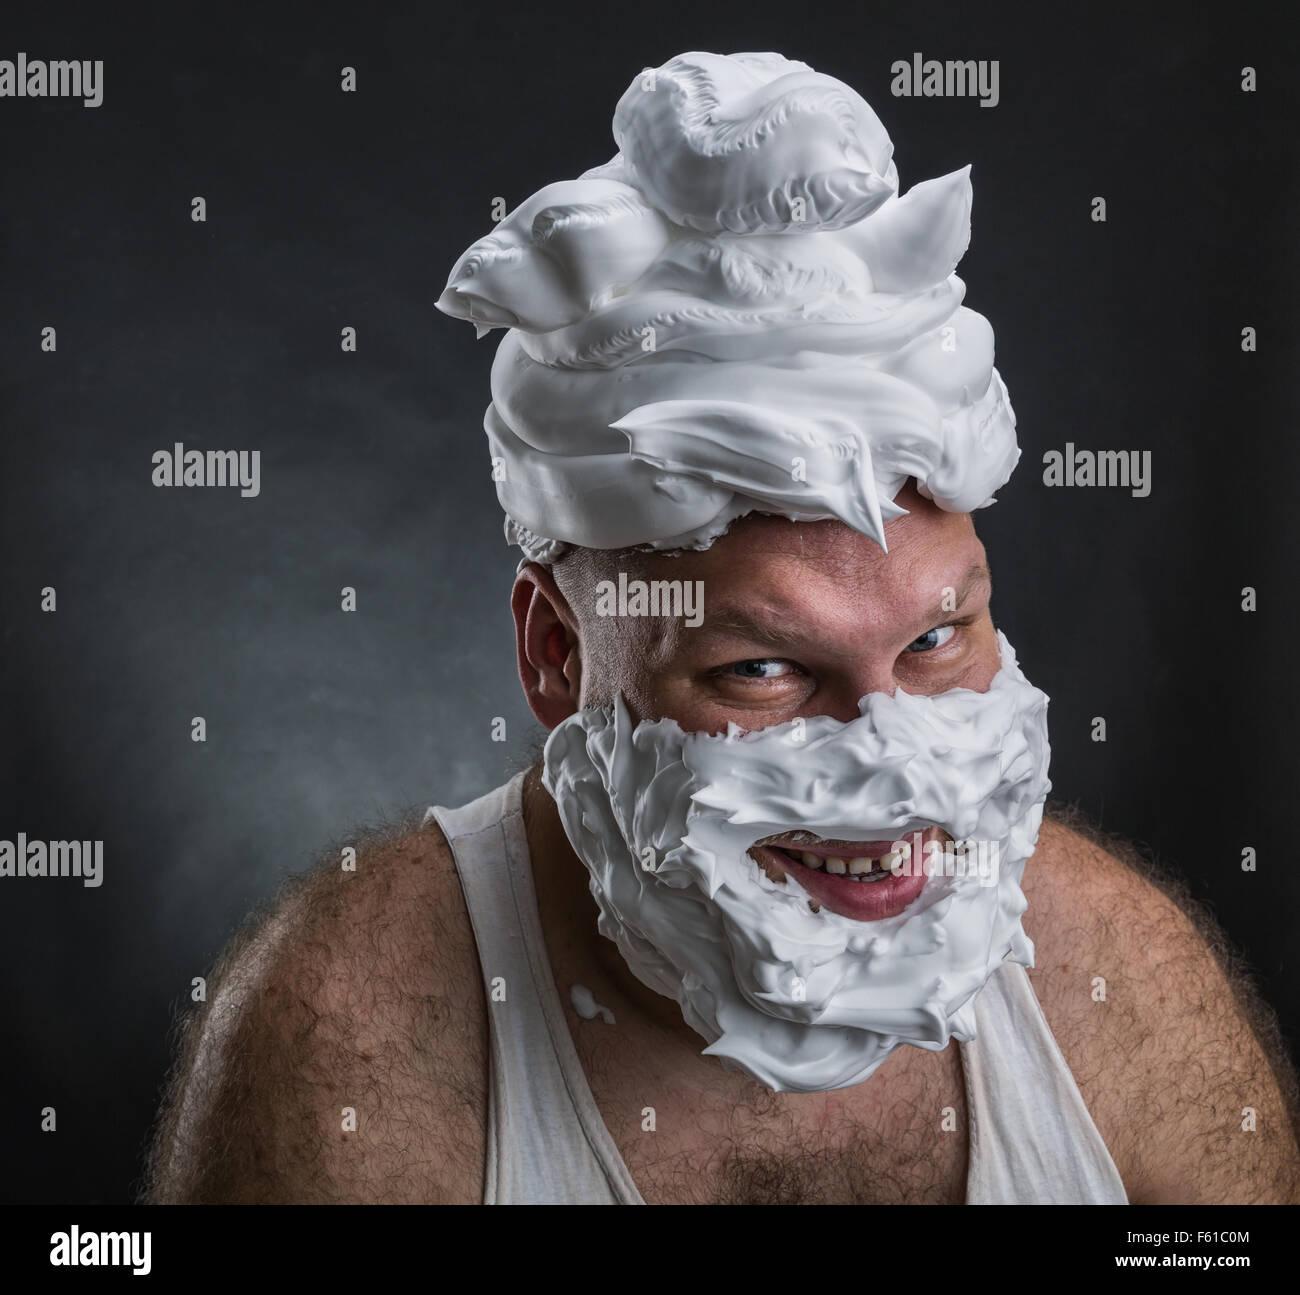 Extraño hombre sonriente con espuma de afeitar en su rostro y en su cabeza sobre fondo gris Foto de stock